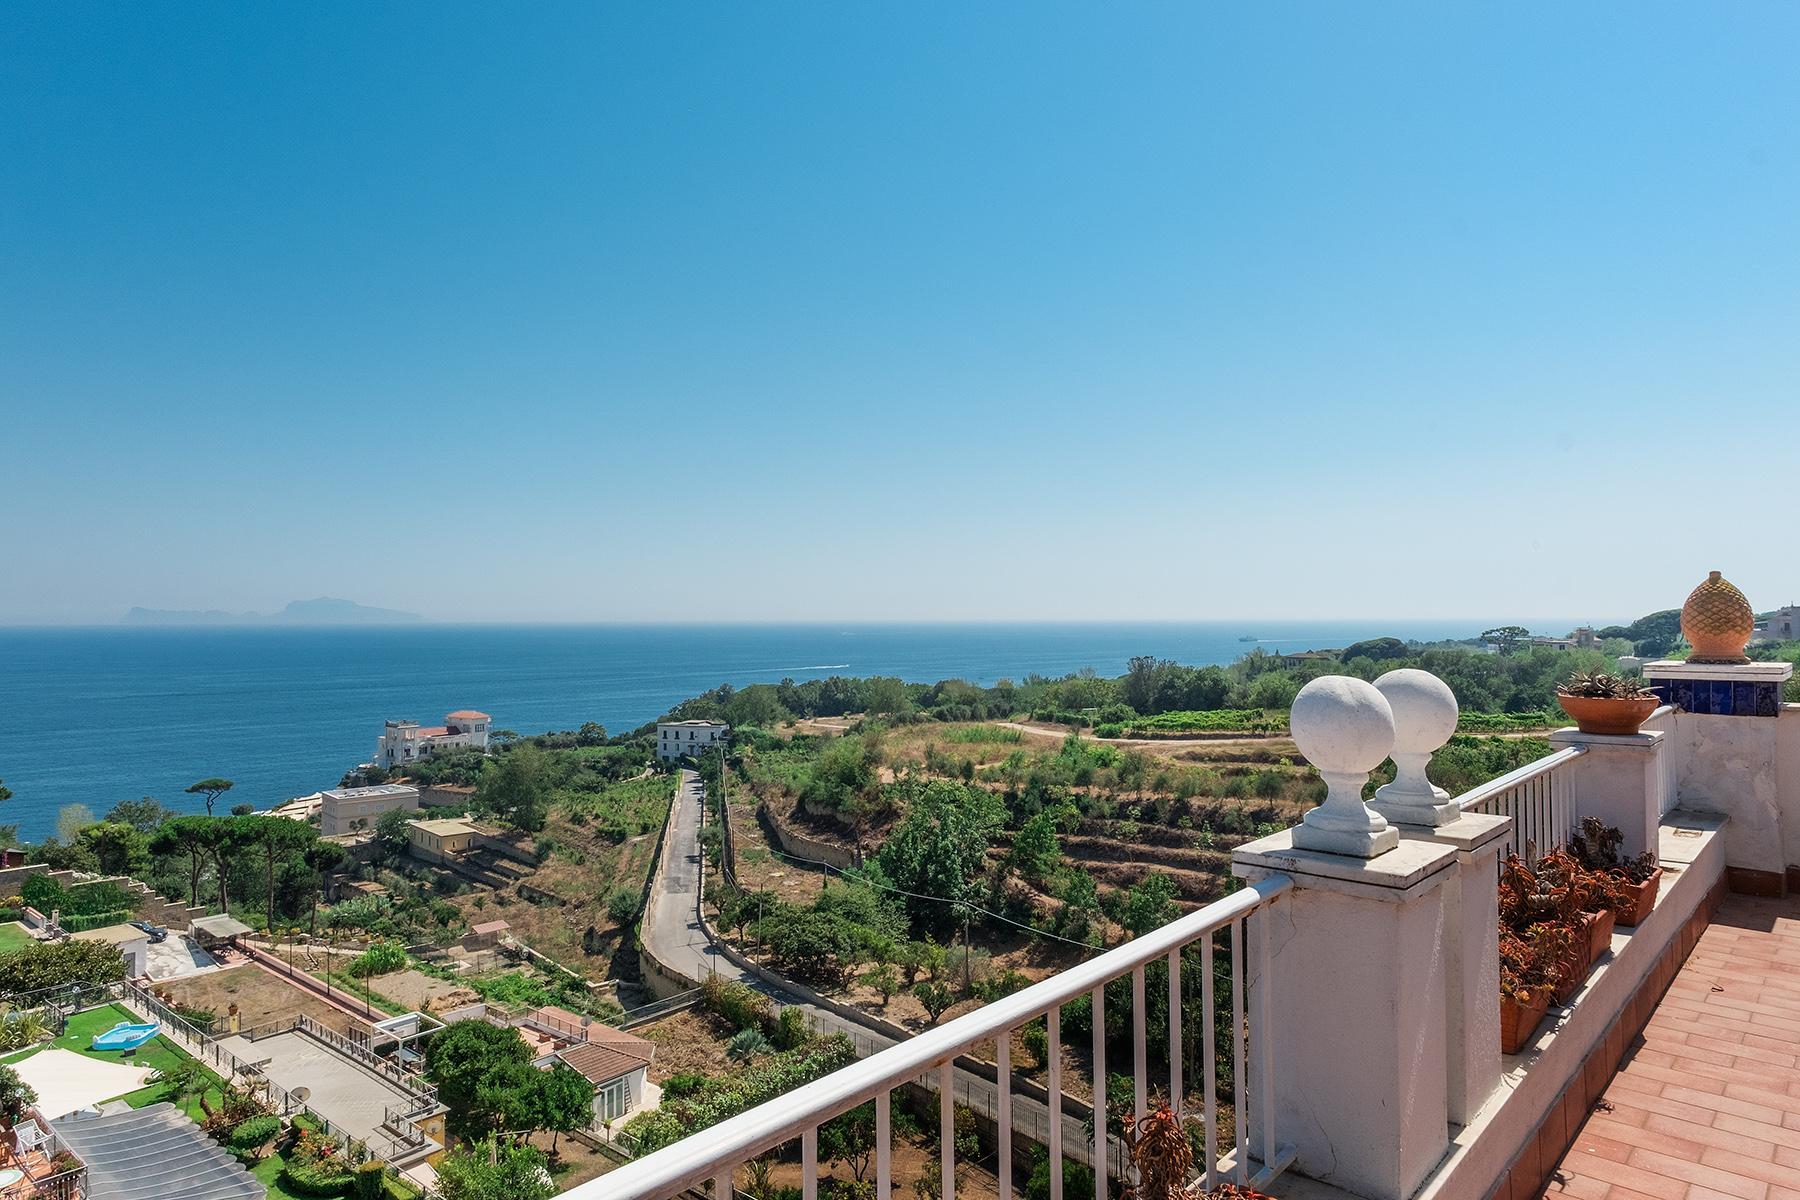 Wunderschönes Anwesen zwischen Himmel und Meer mit Blick auf Neapel - 2